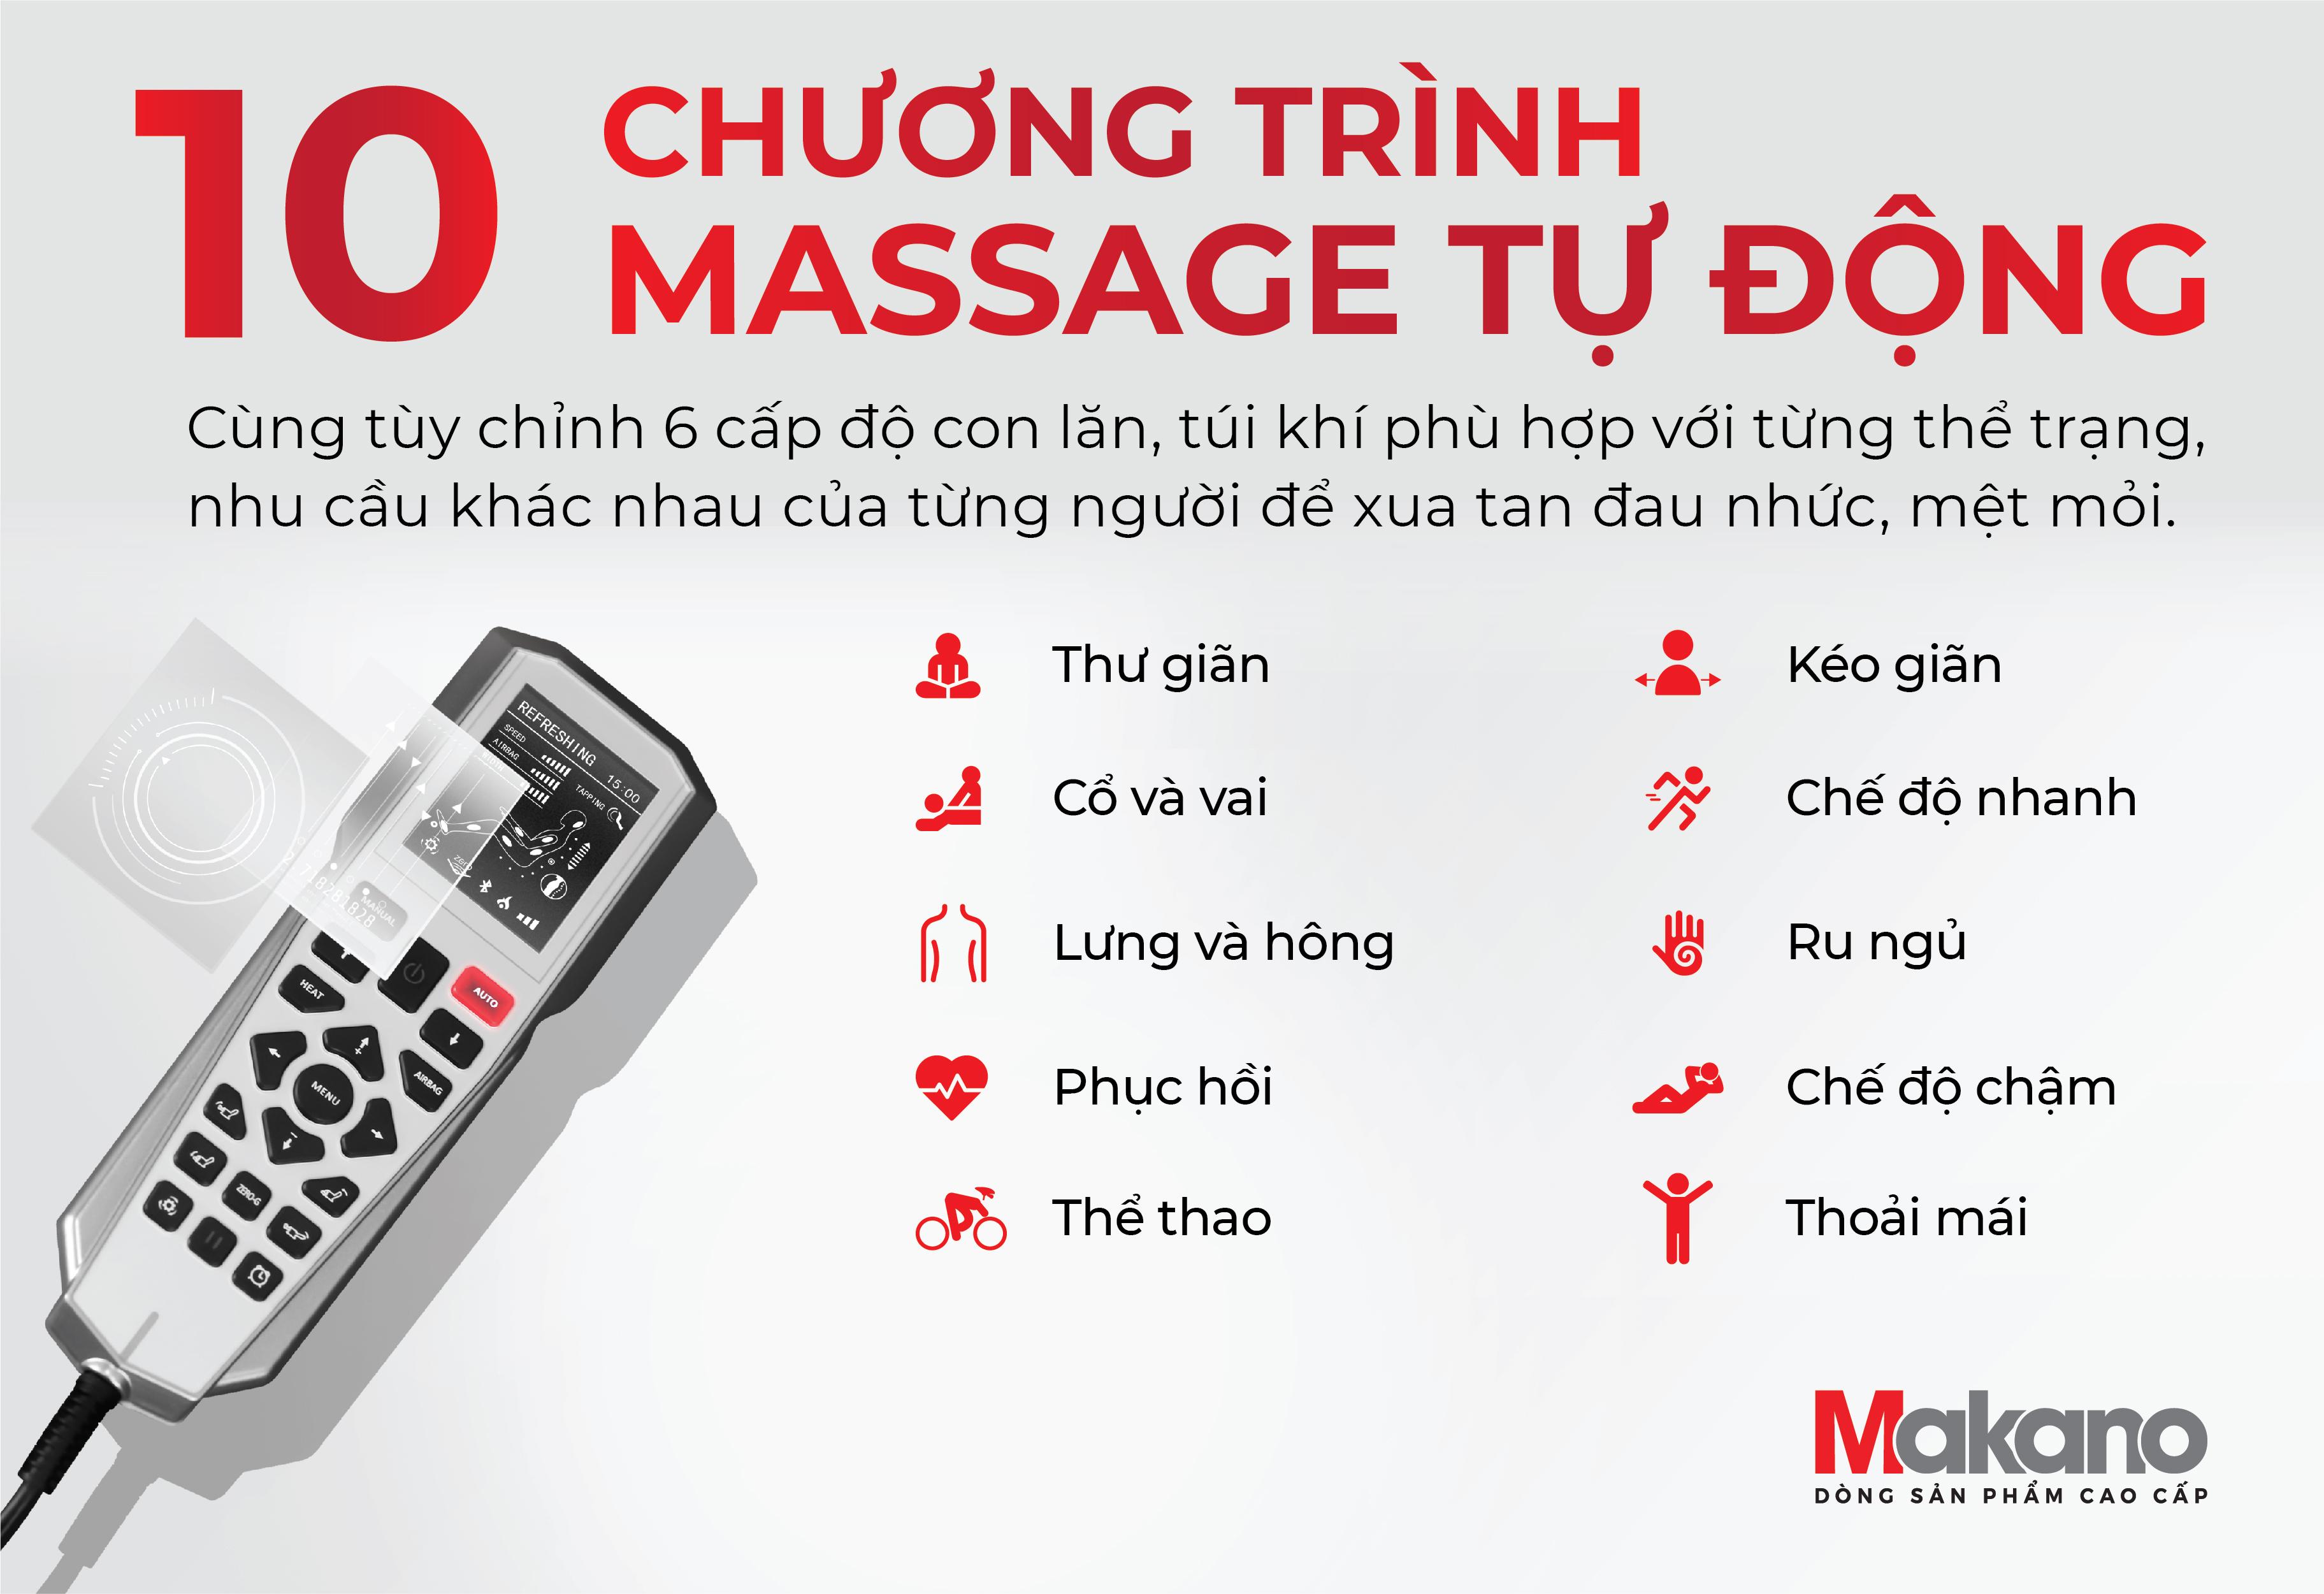 Chương trình massage tự động - ghế massage Makano MKGM-30002